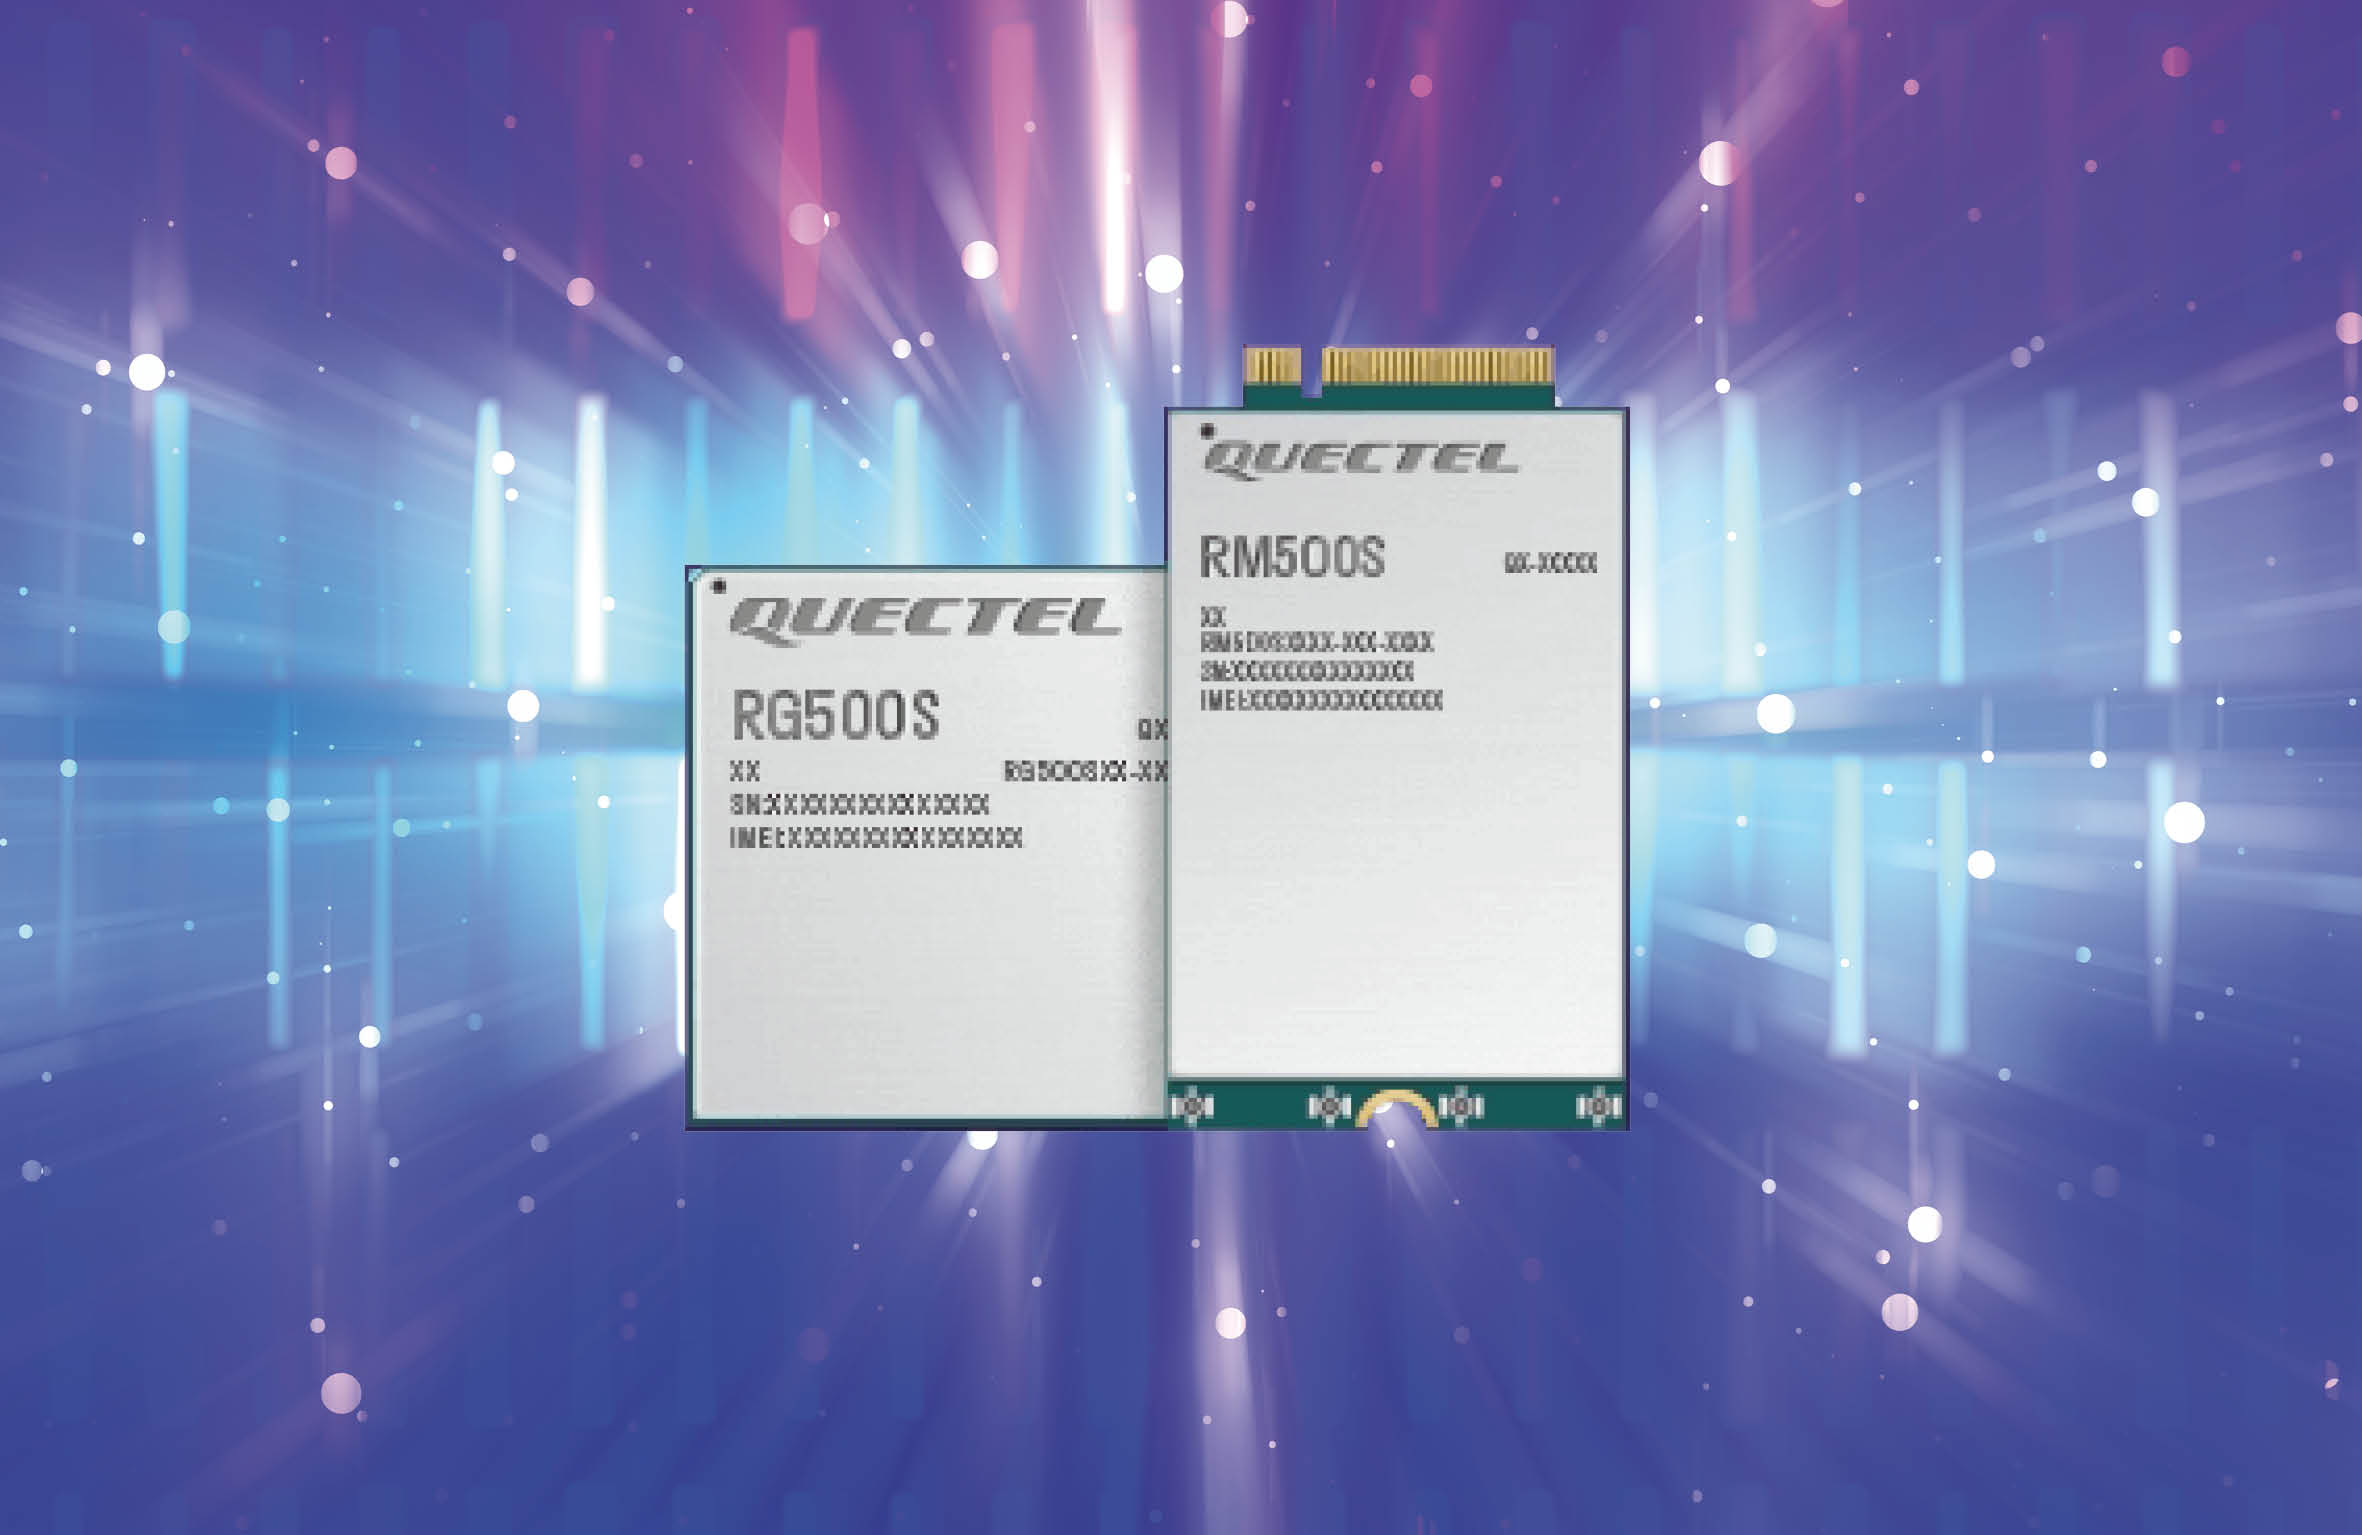 Kompakte 5G-Module mit Sub-6GHz-Support